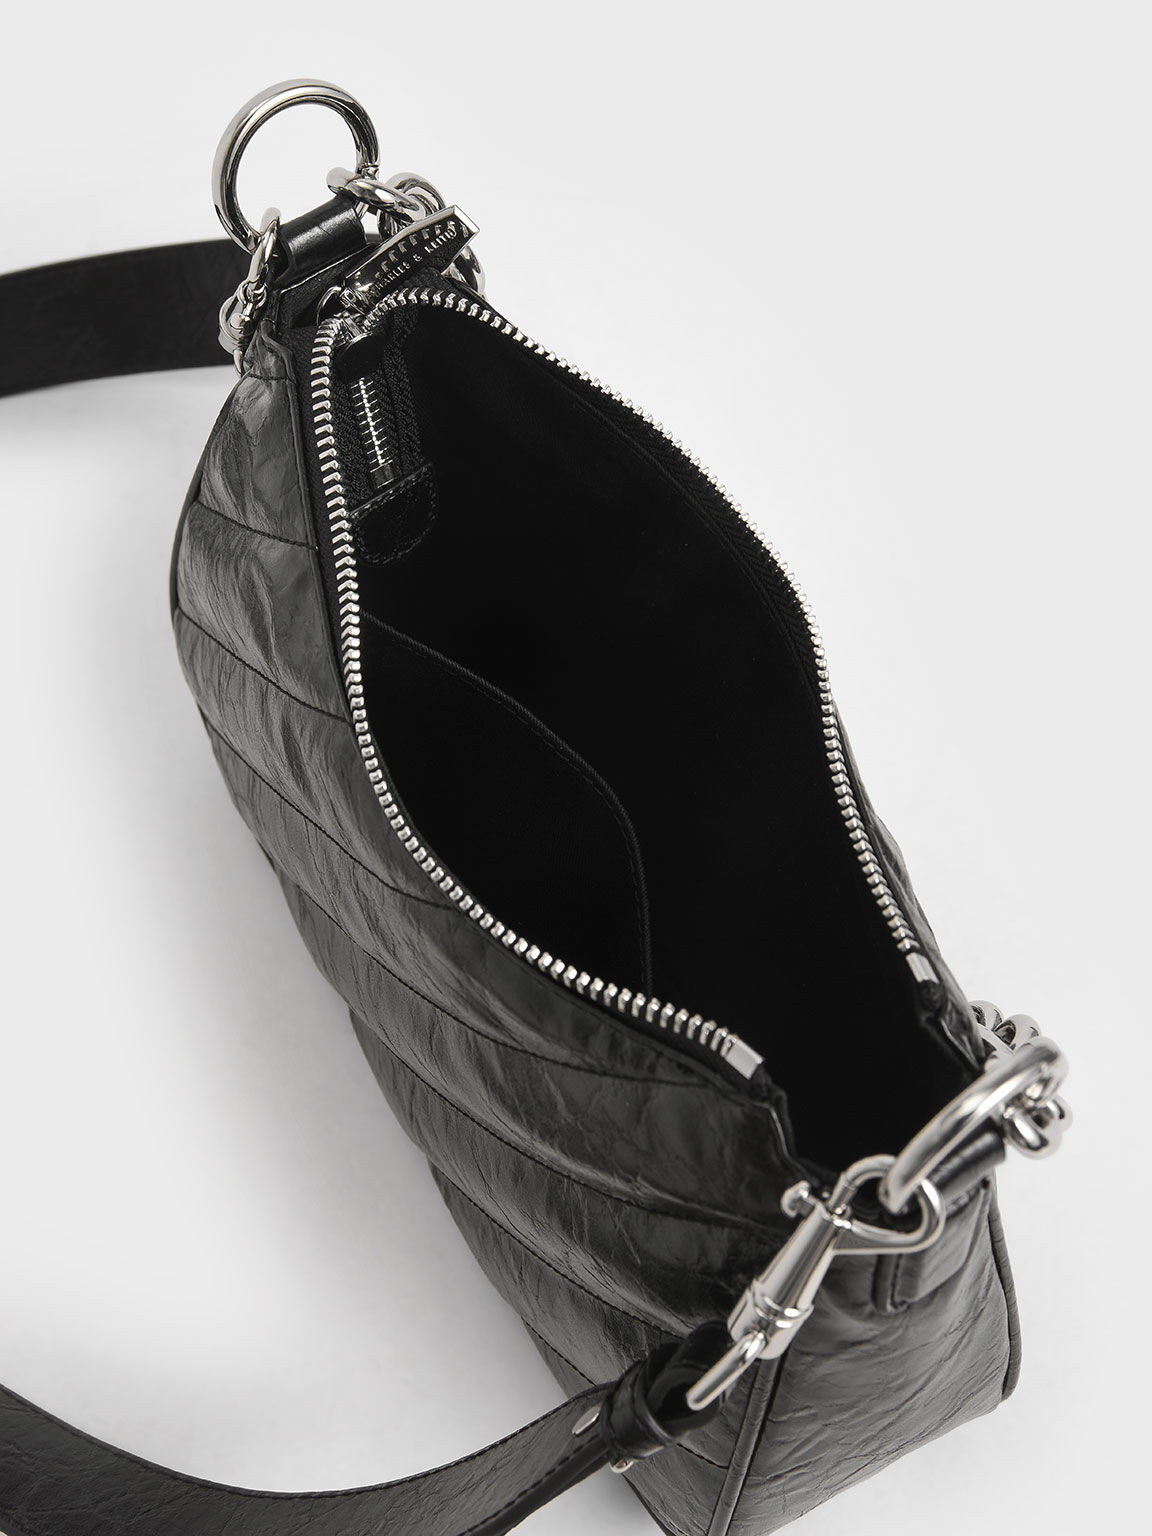 斜紋衍縫斜背包, 黑色, hi-res